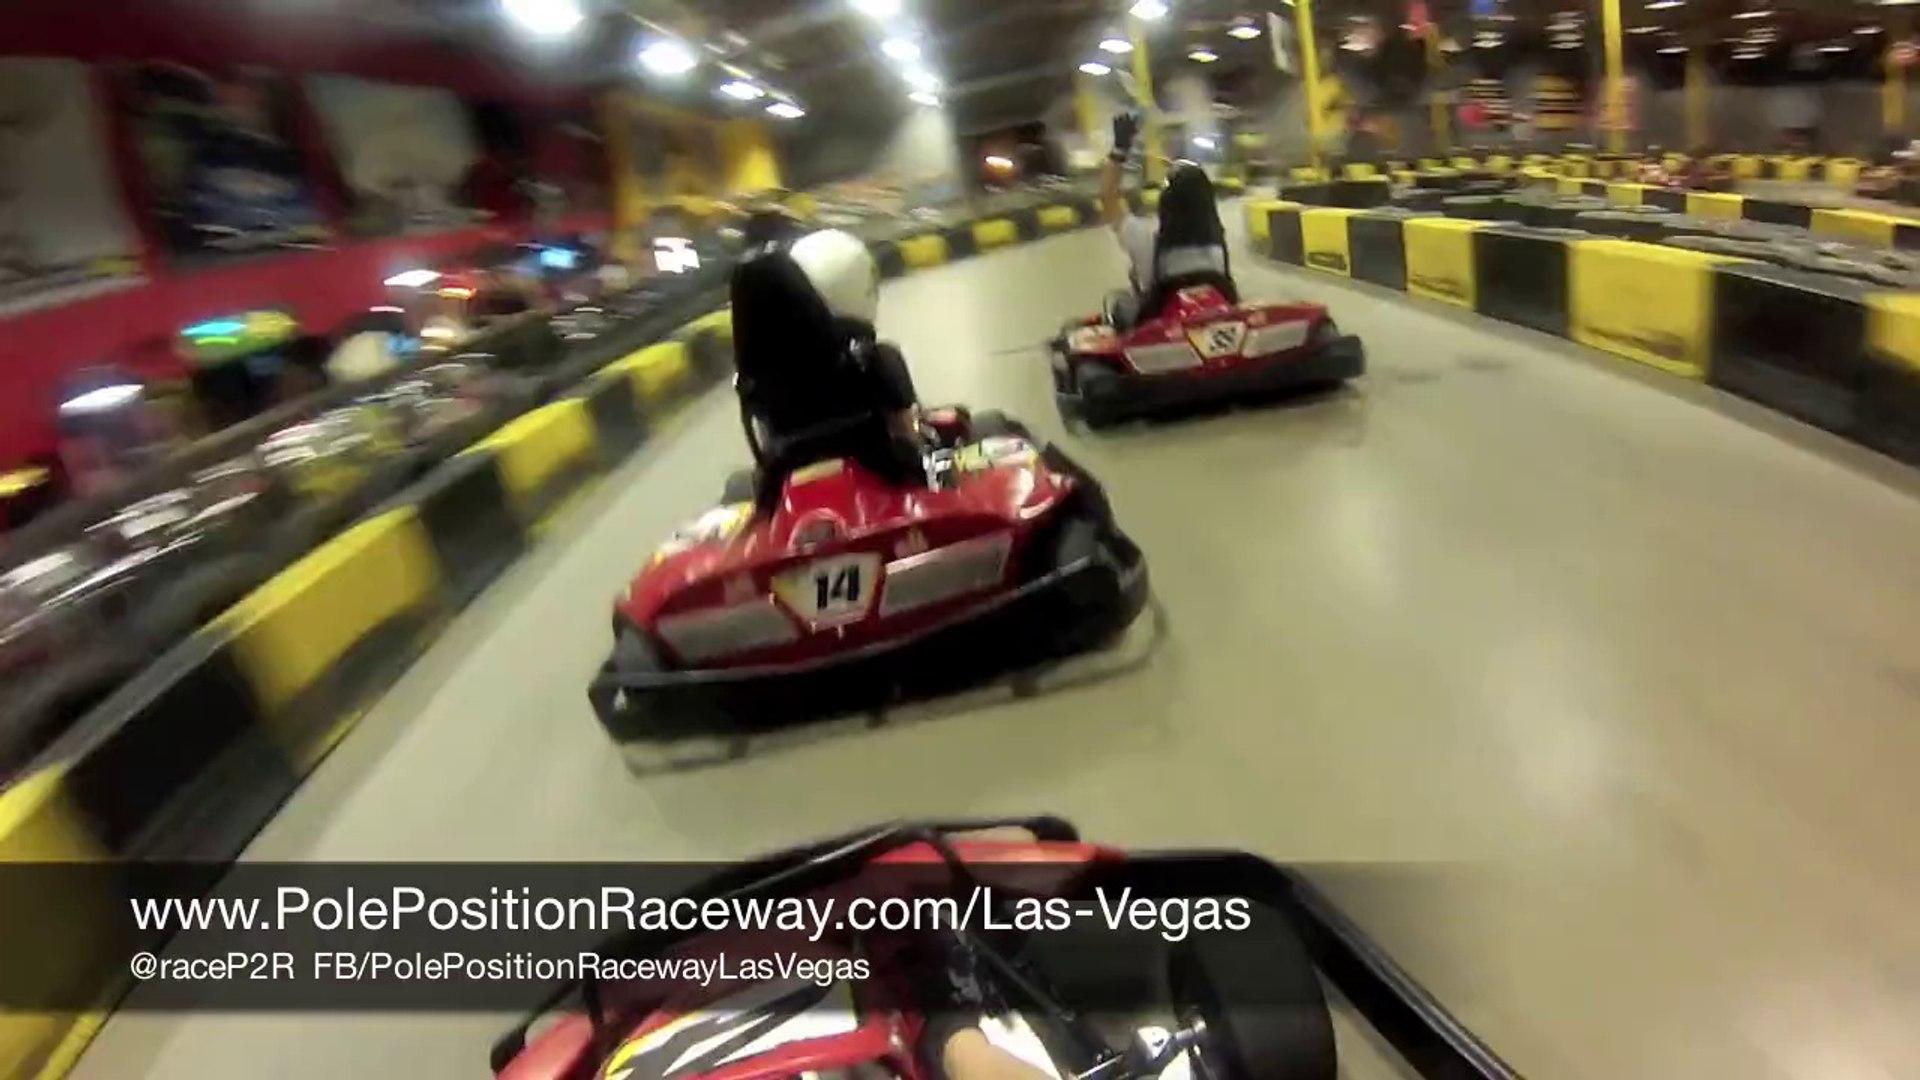 Where To Host Corporate Events in Las Vegas? | Pole Position Raceway Las Vegas  pt. 3